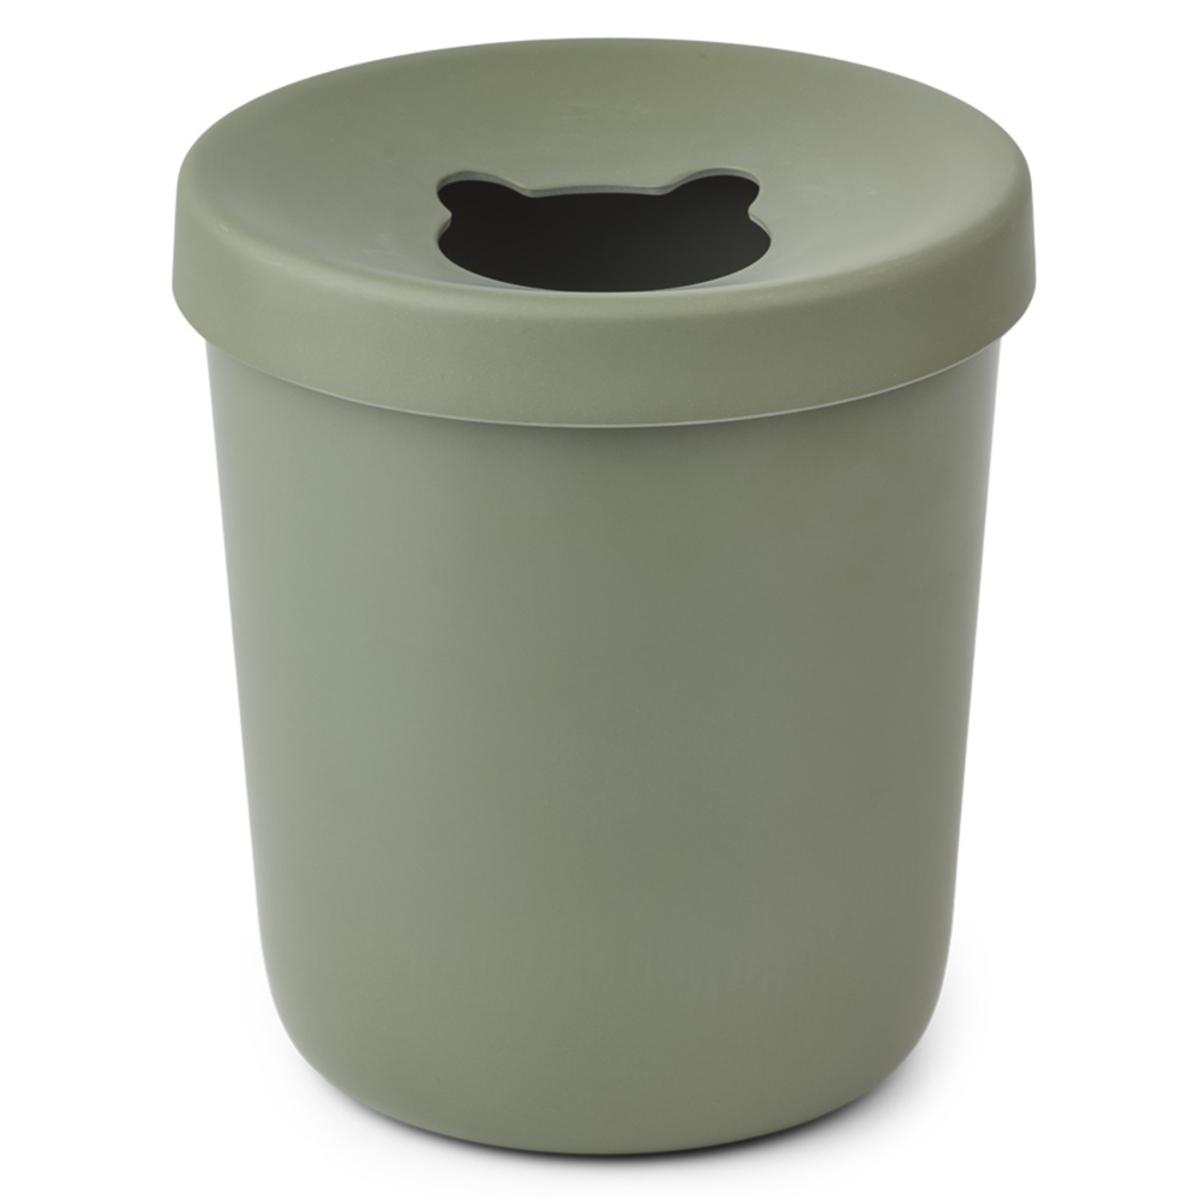 Panier & corbeille Poubelle Evelina - Faune Green Poubelle Evelina - Faune Green